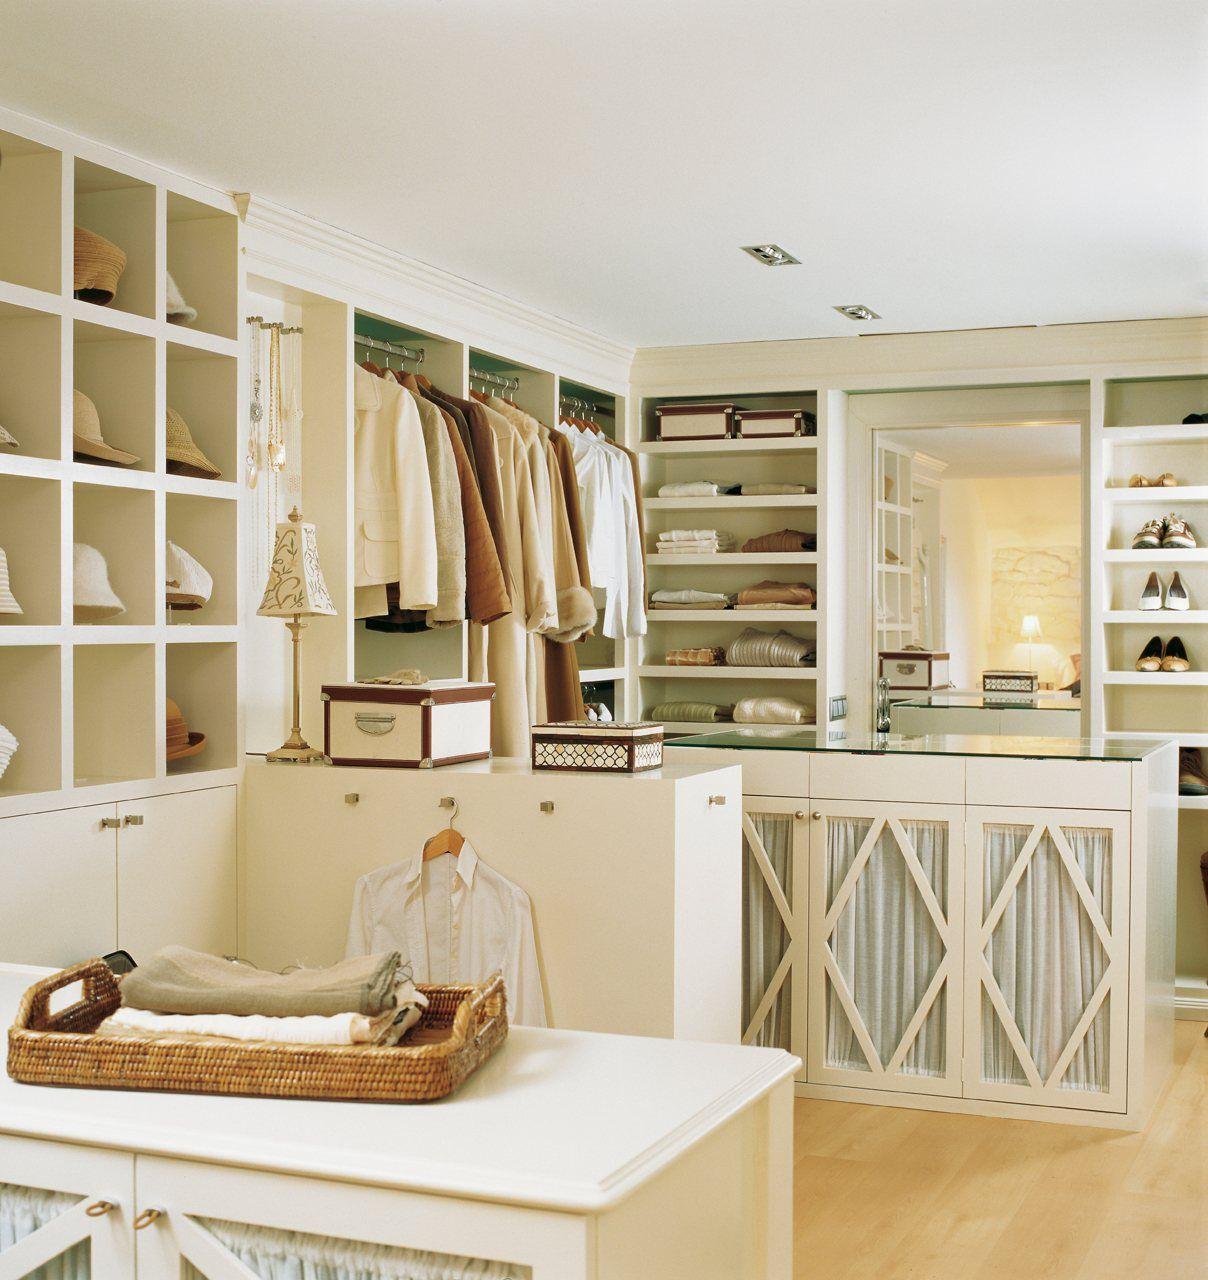 10 vestidores muy prácticos | Estancias, Dormitorio y Vestidor